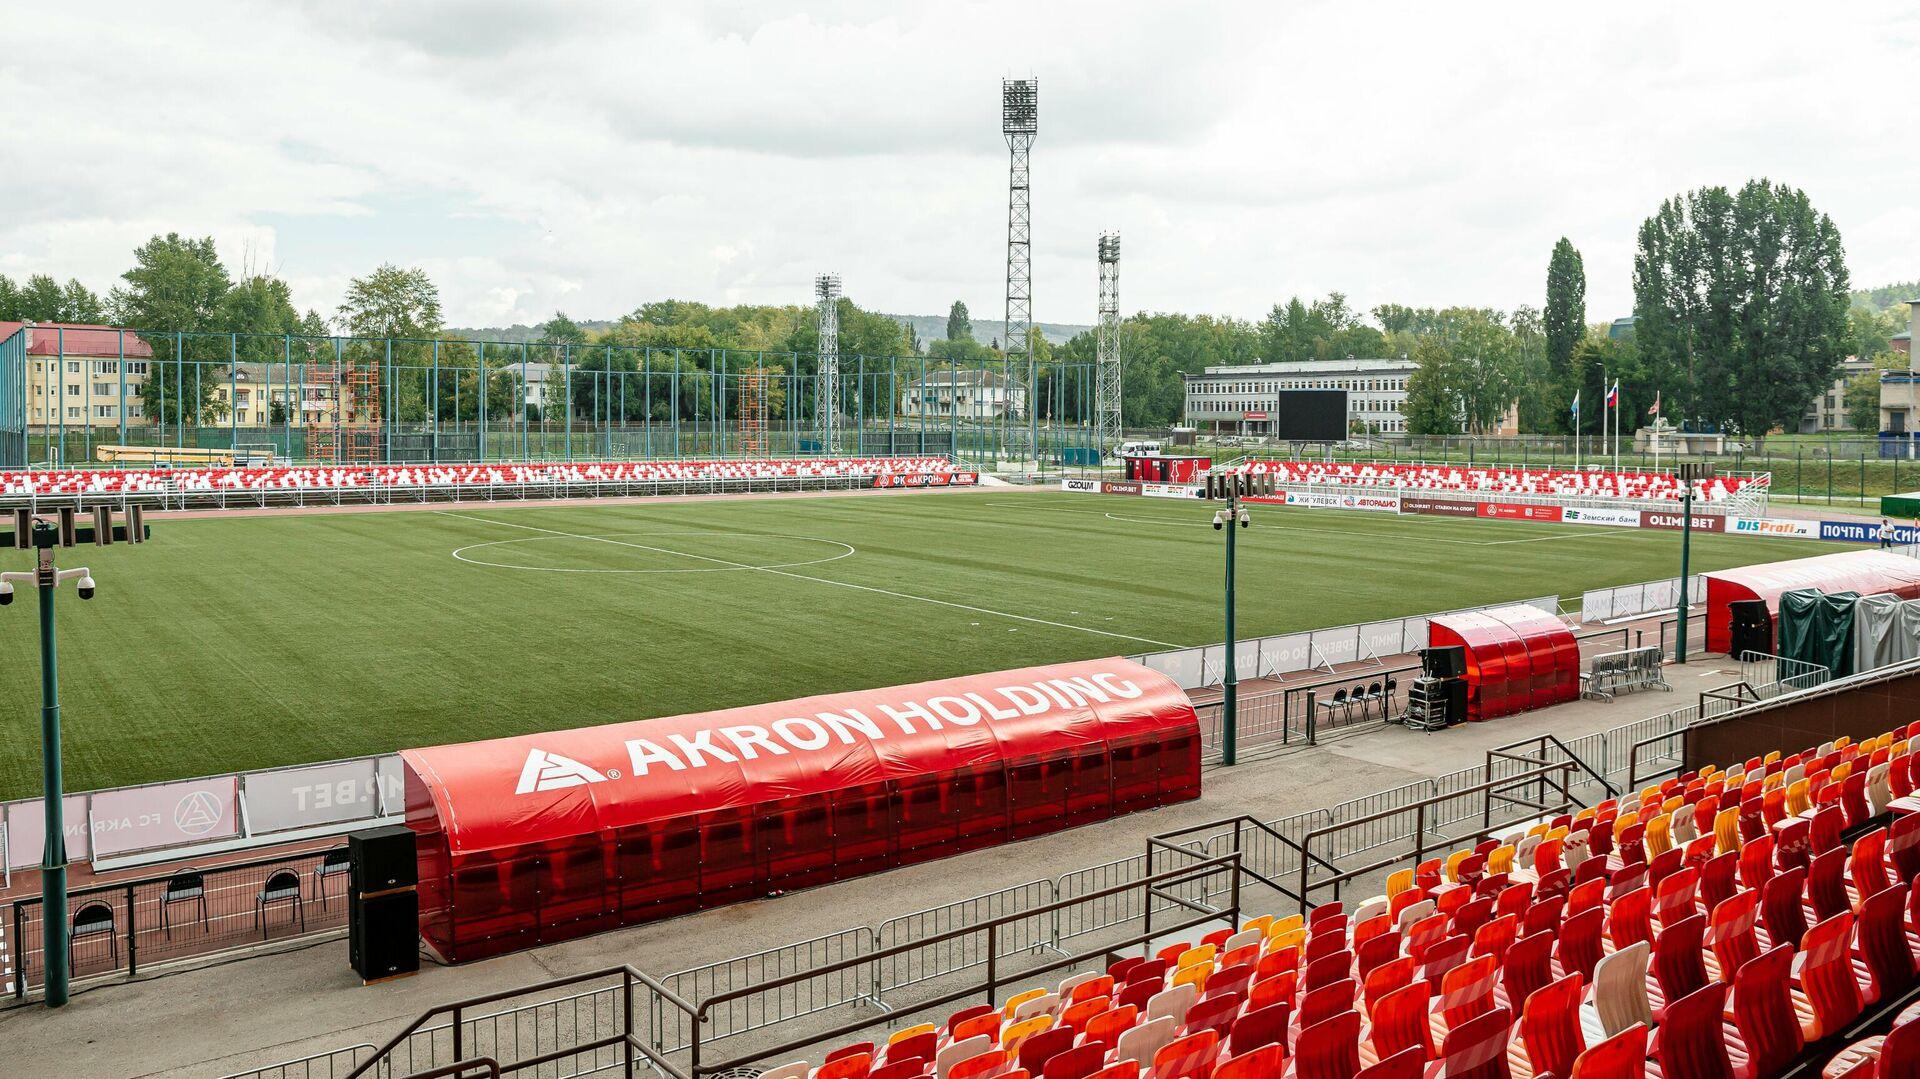 Домашний стадион футбольного клуба Акрон - РИА Новости, 1920, 06.03.2021